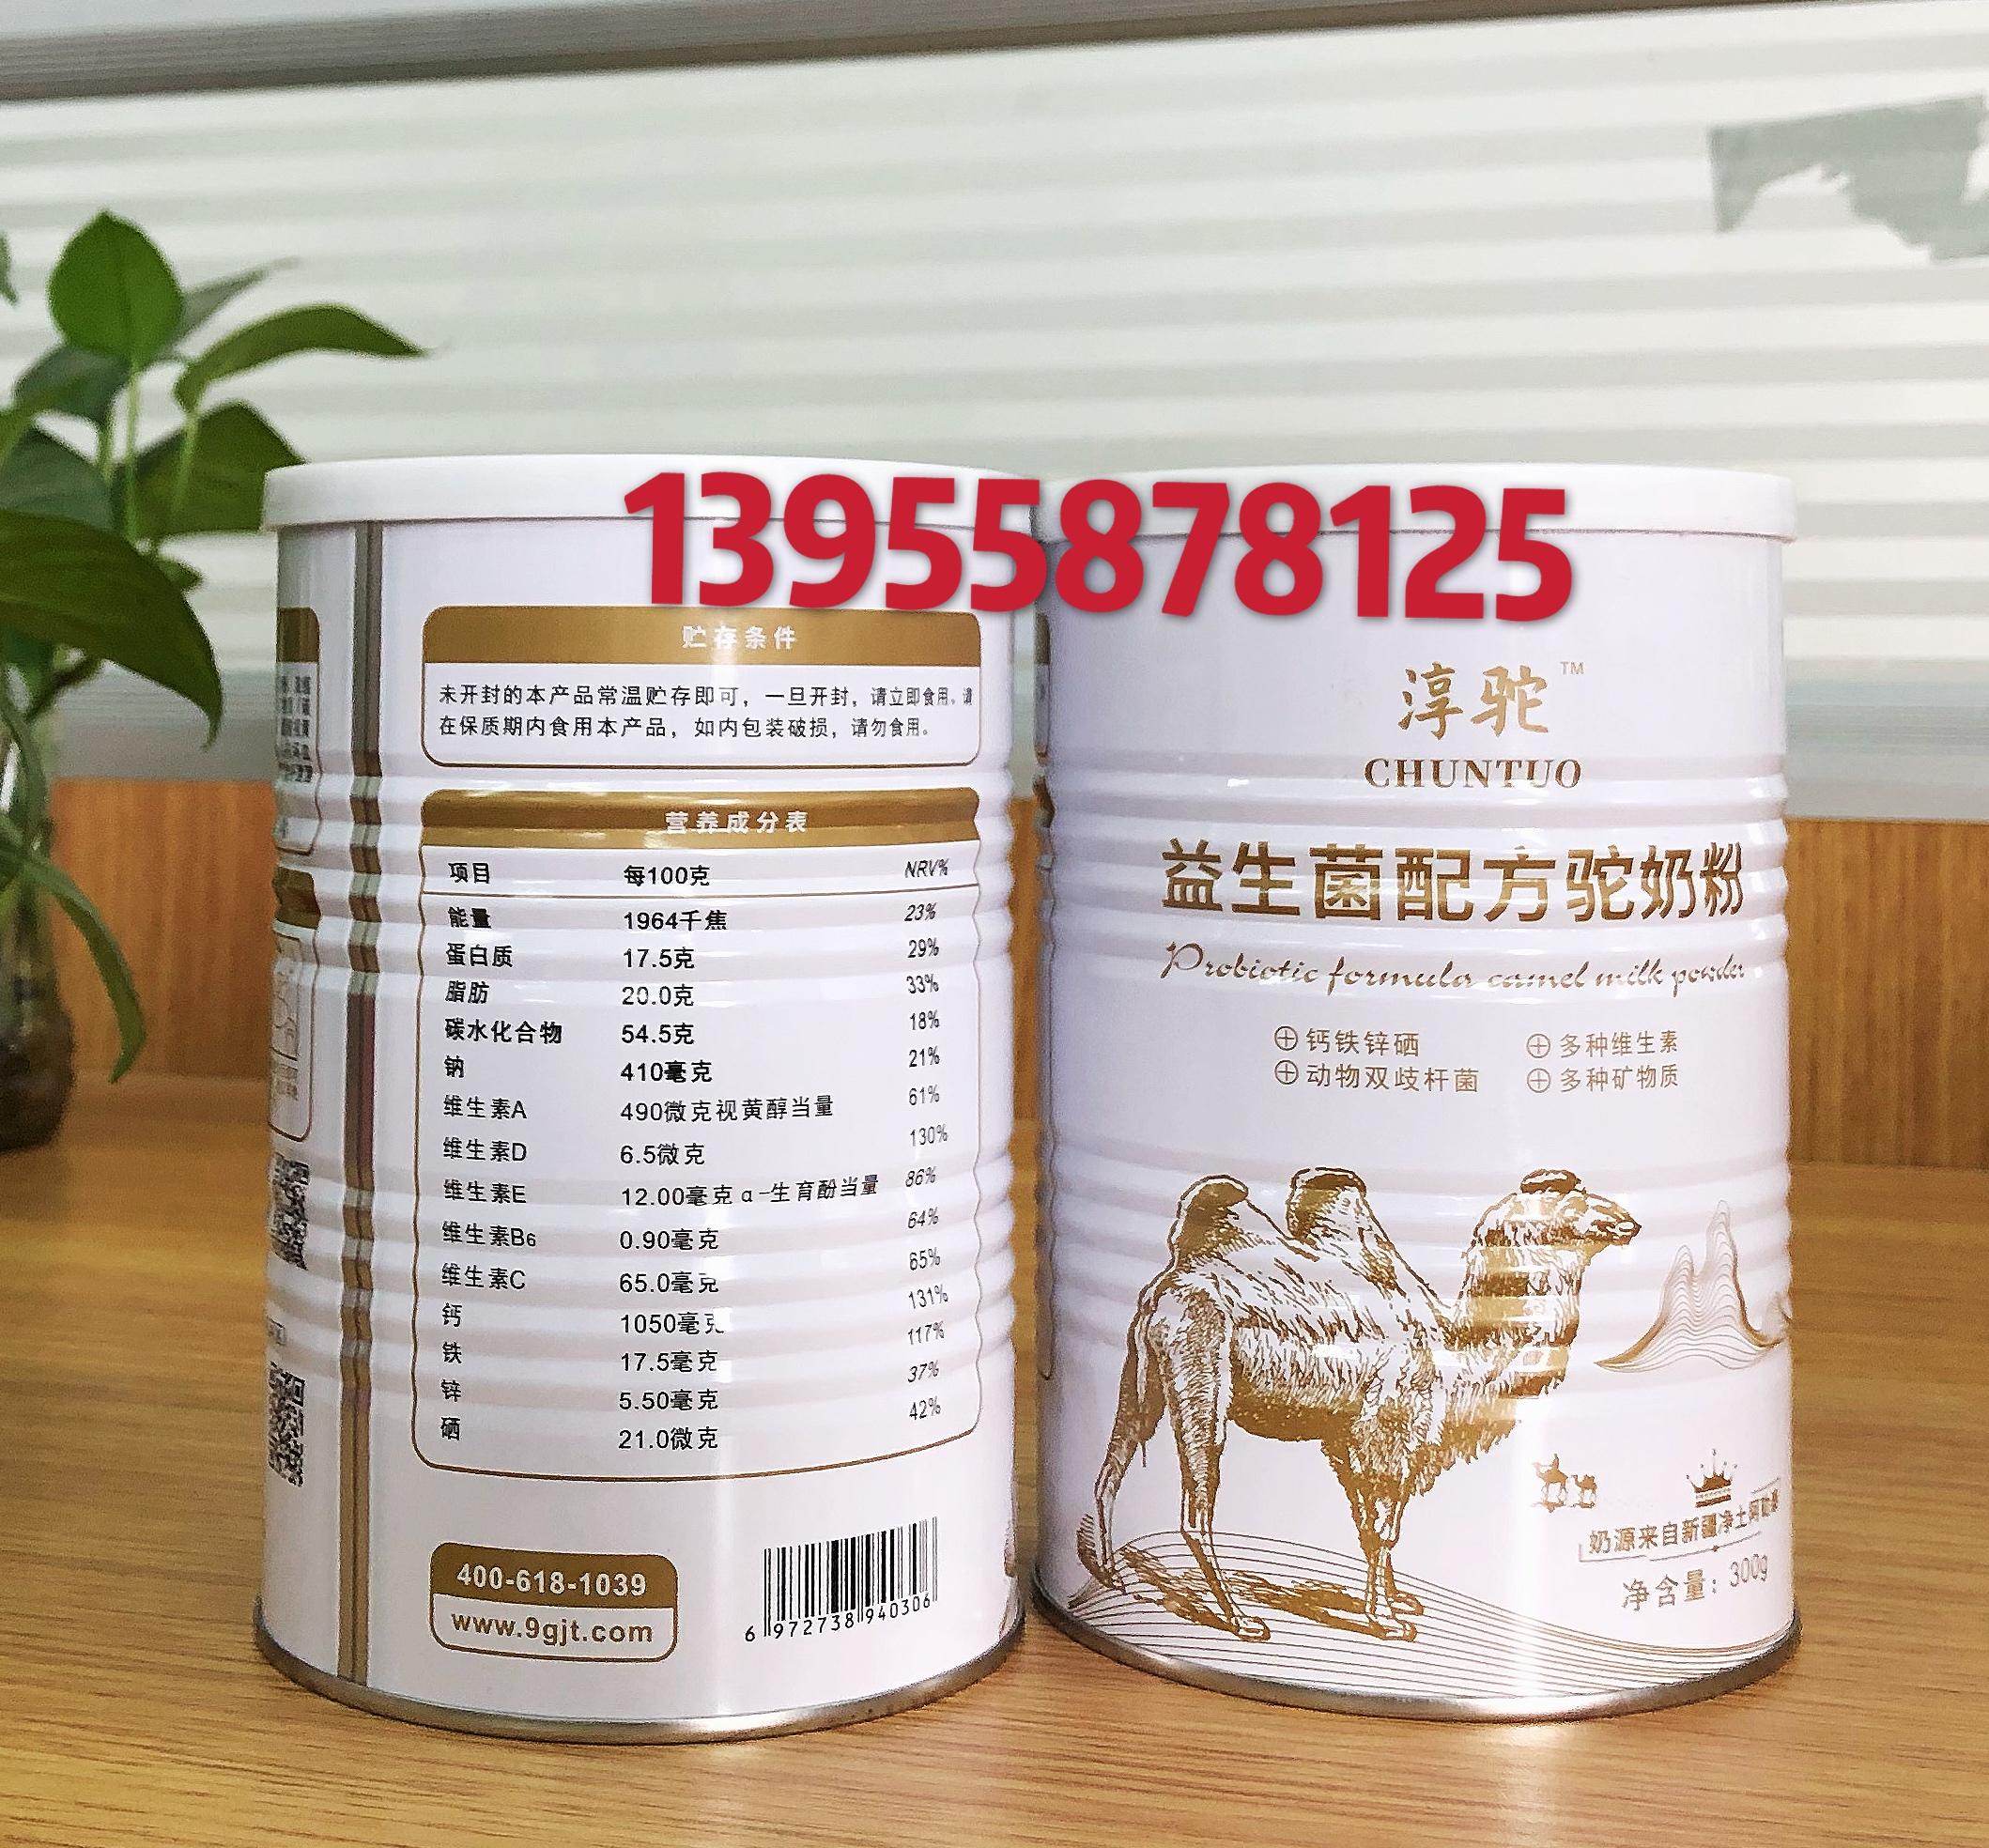 新疆淳驼驼奶厂家  淳驼驼奶供应商   新疆淳驼驼奶批发价格